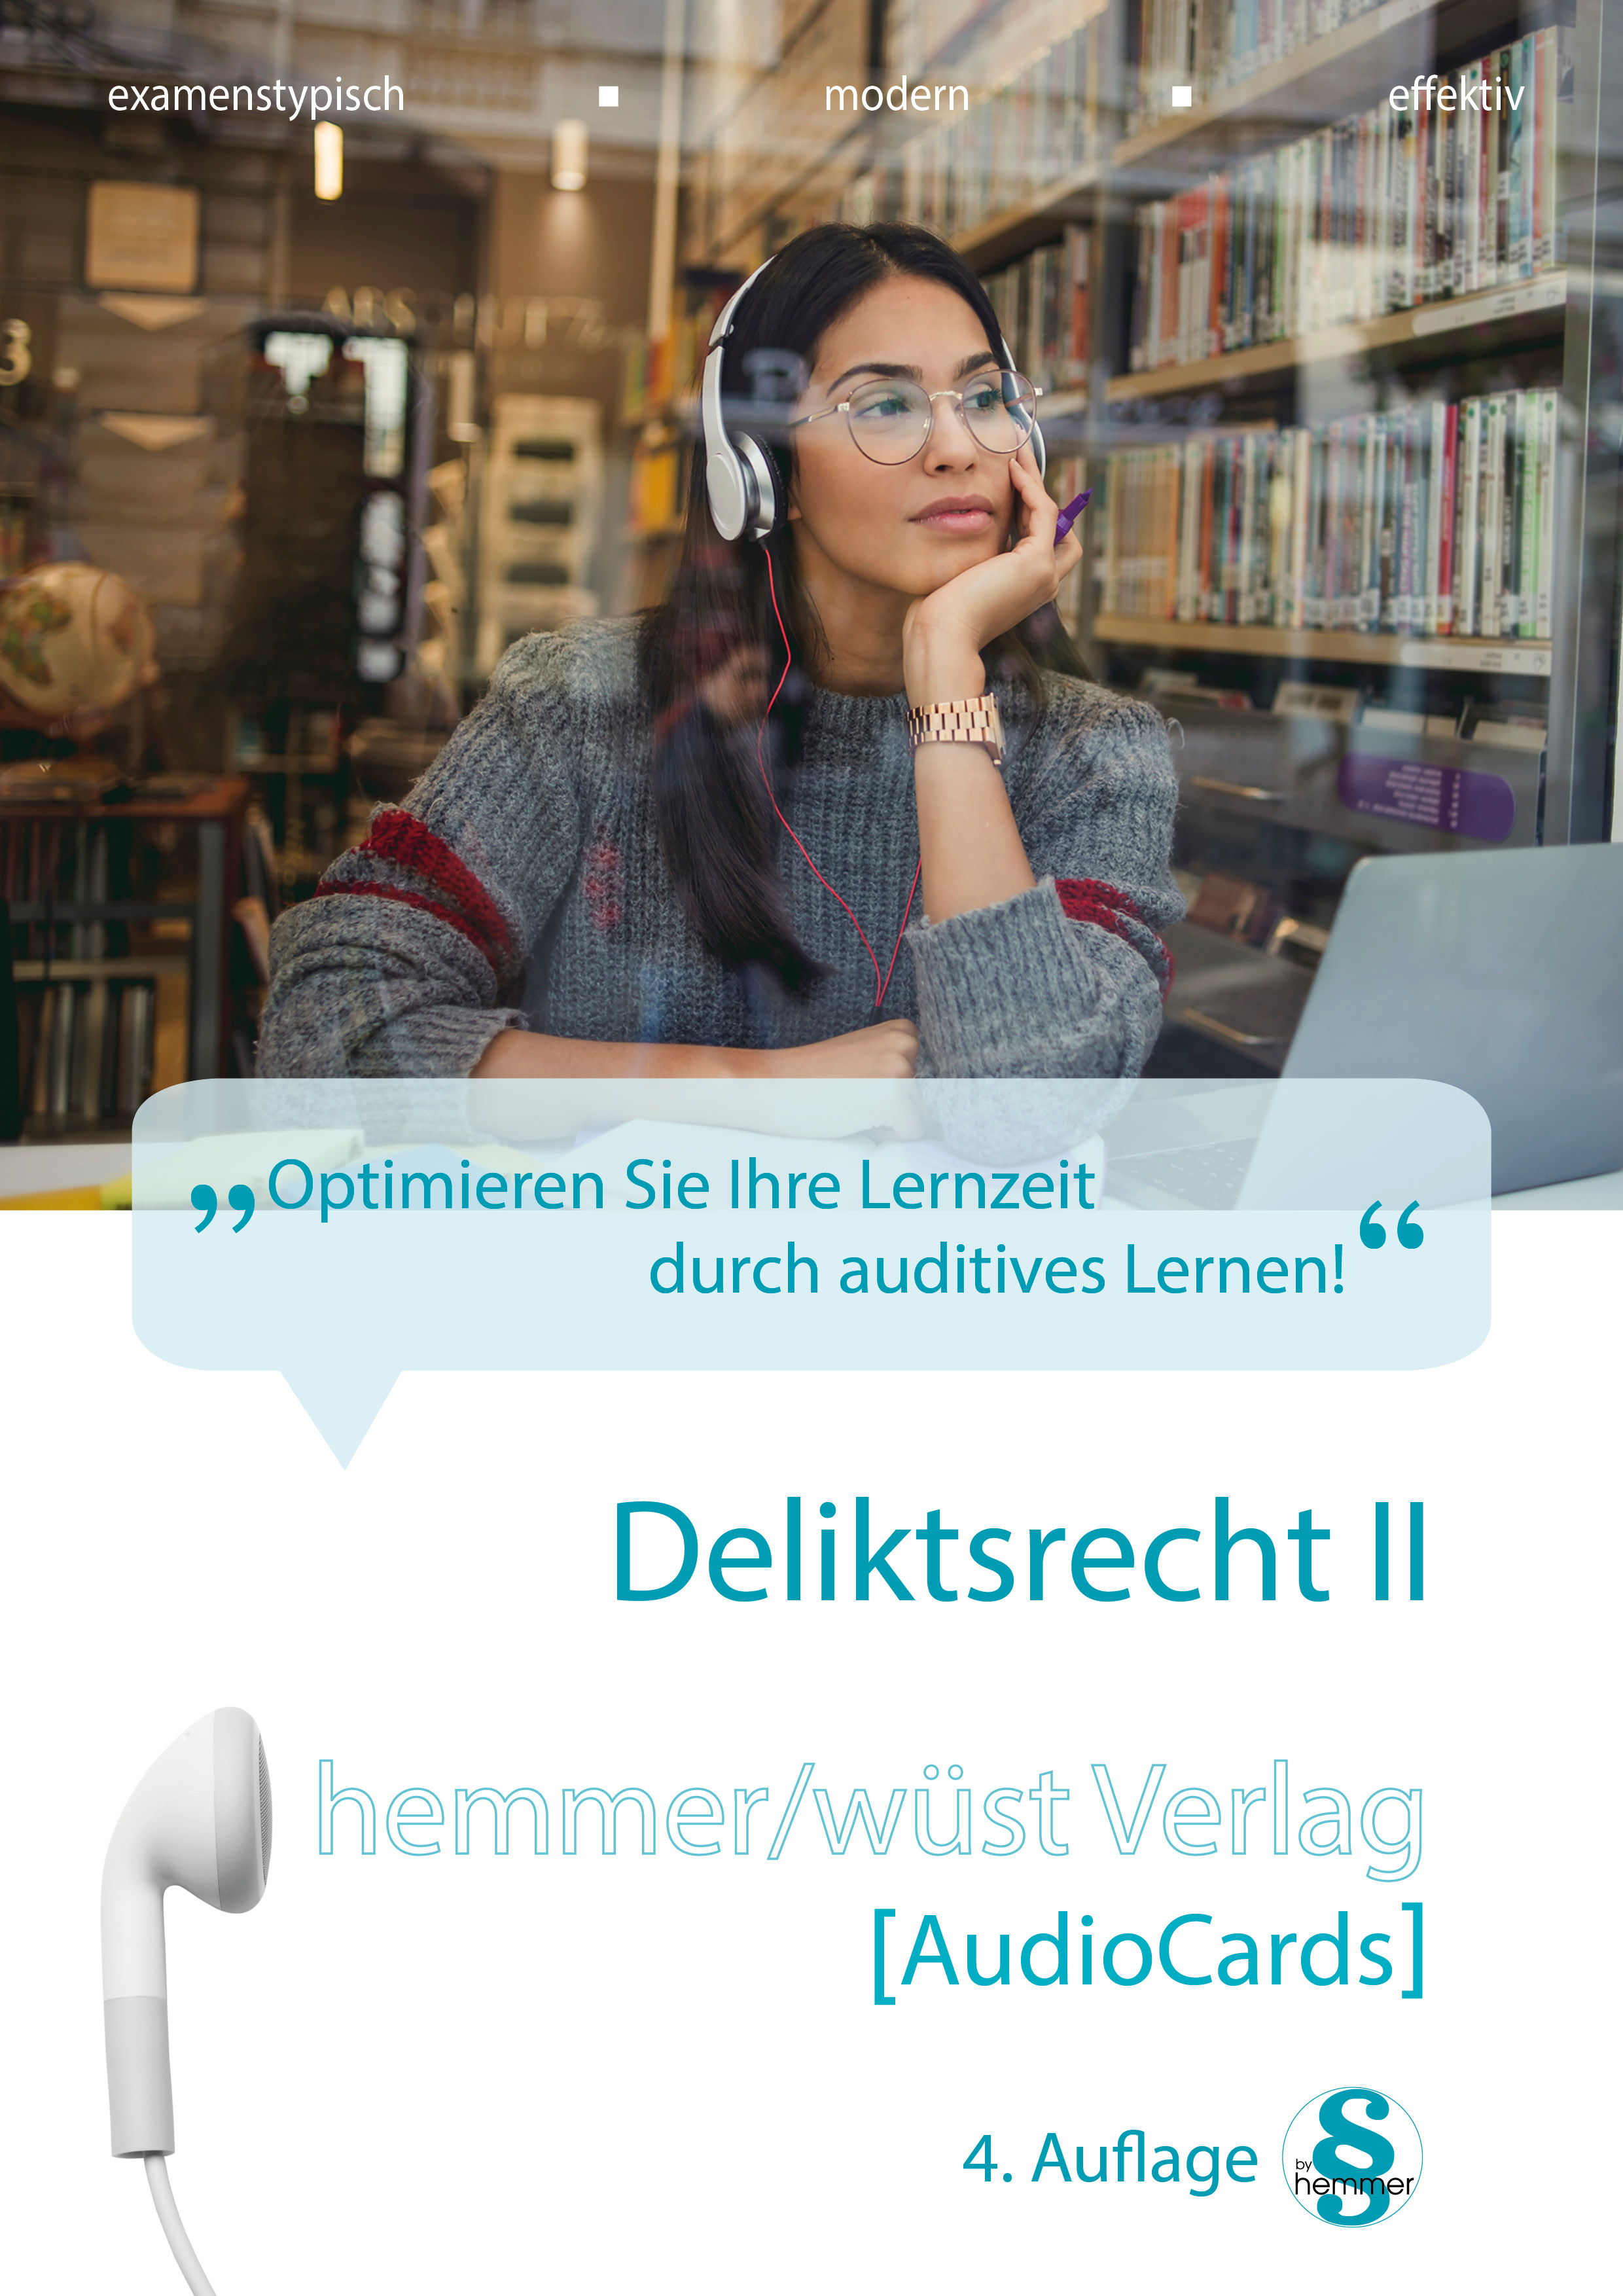 Audiocards - Deliktsrecht II - Download